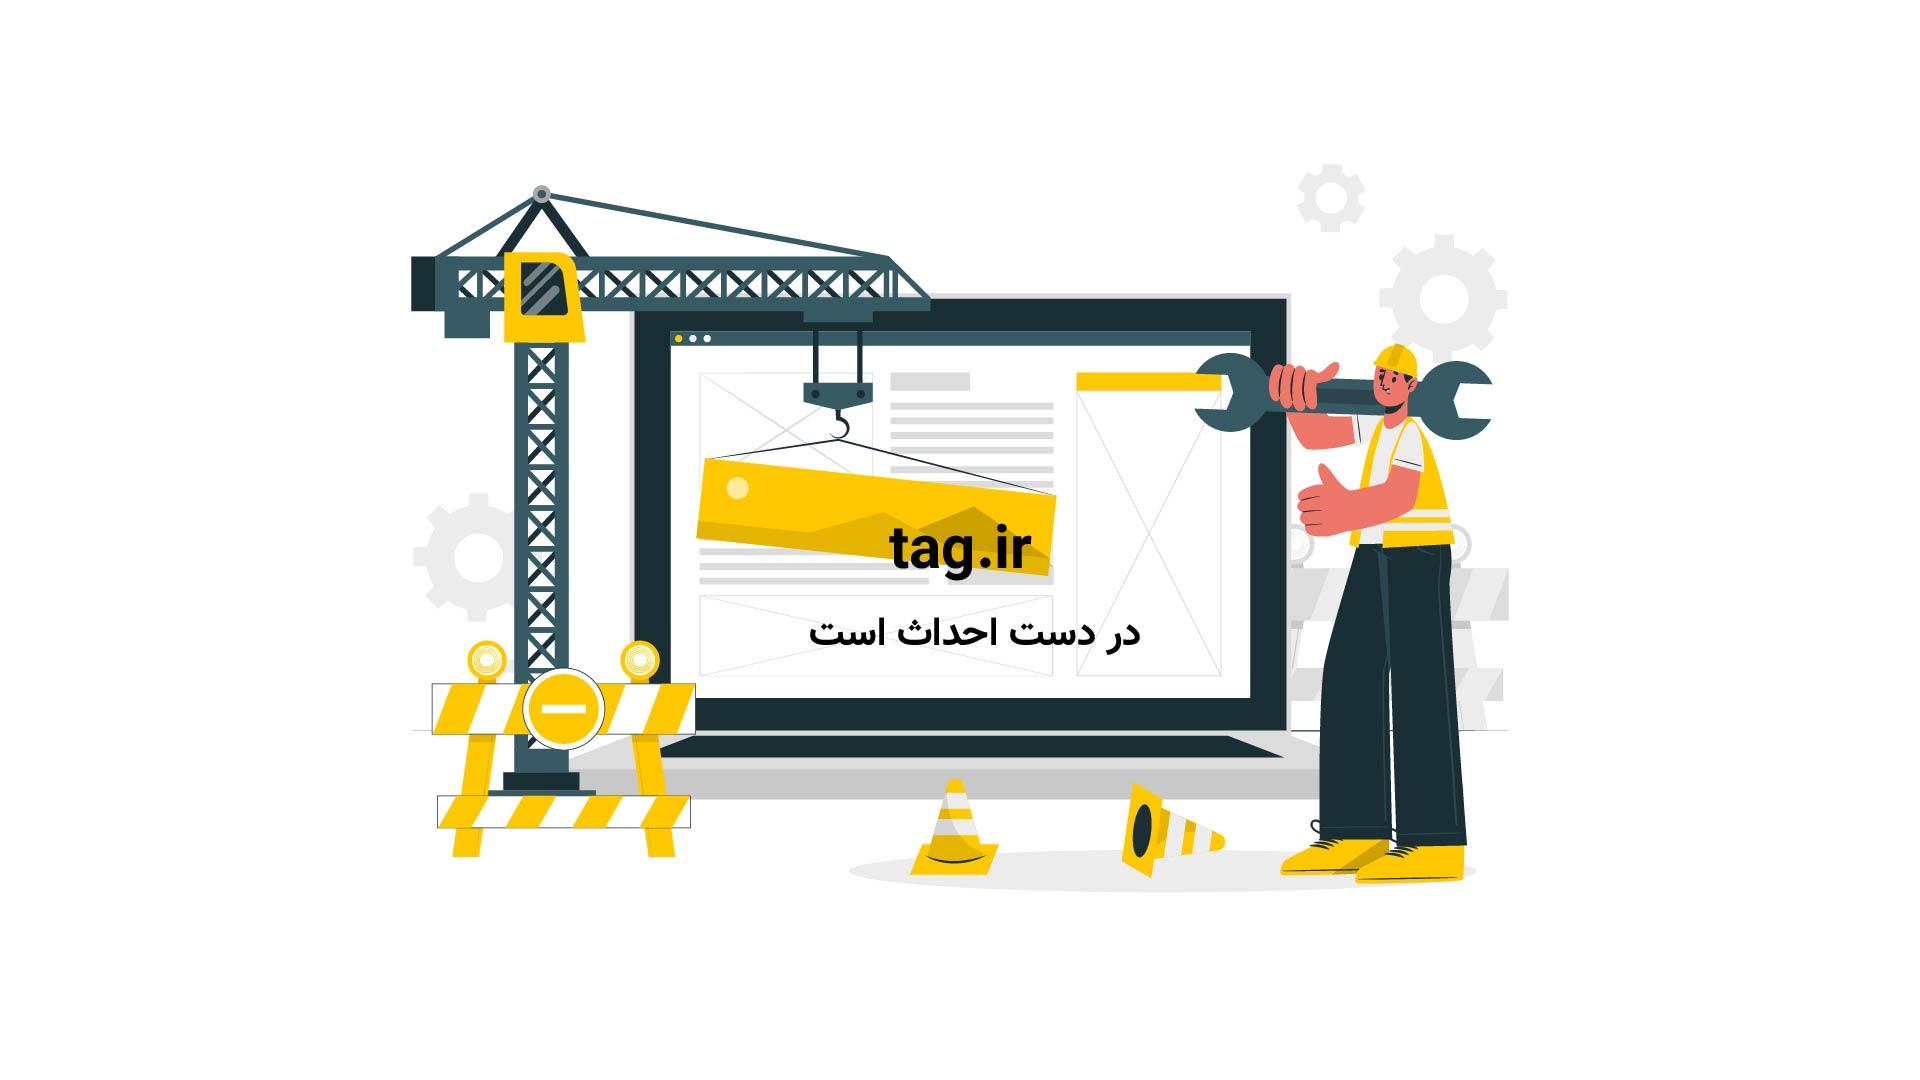 تصادف خودروها در برف تهران | فیلم